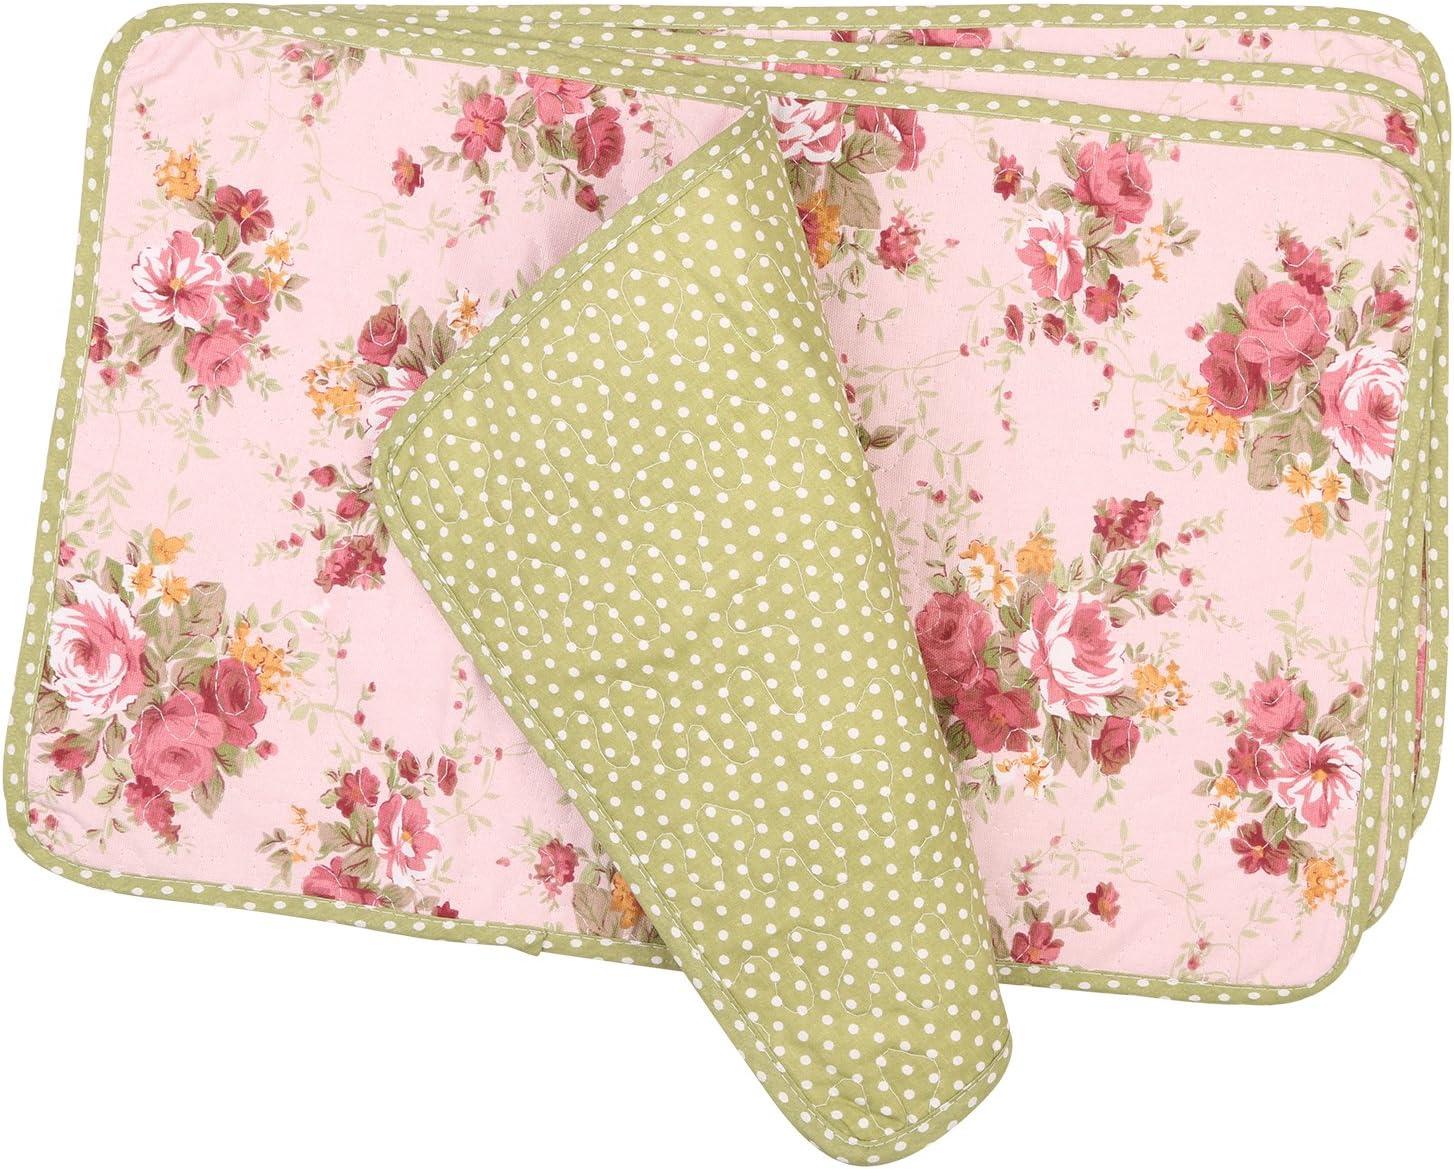 NEOVIVA Juego de 4 manteles individuales acolchados para comedor, cocina de algodón, diseño floral, color rosa